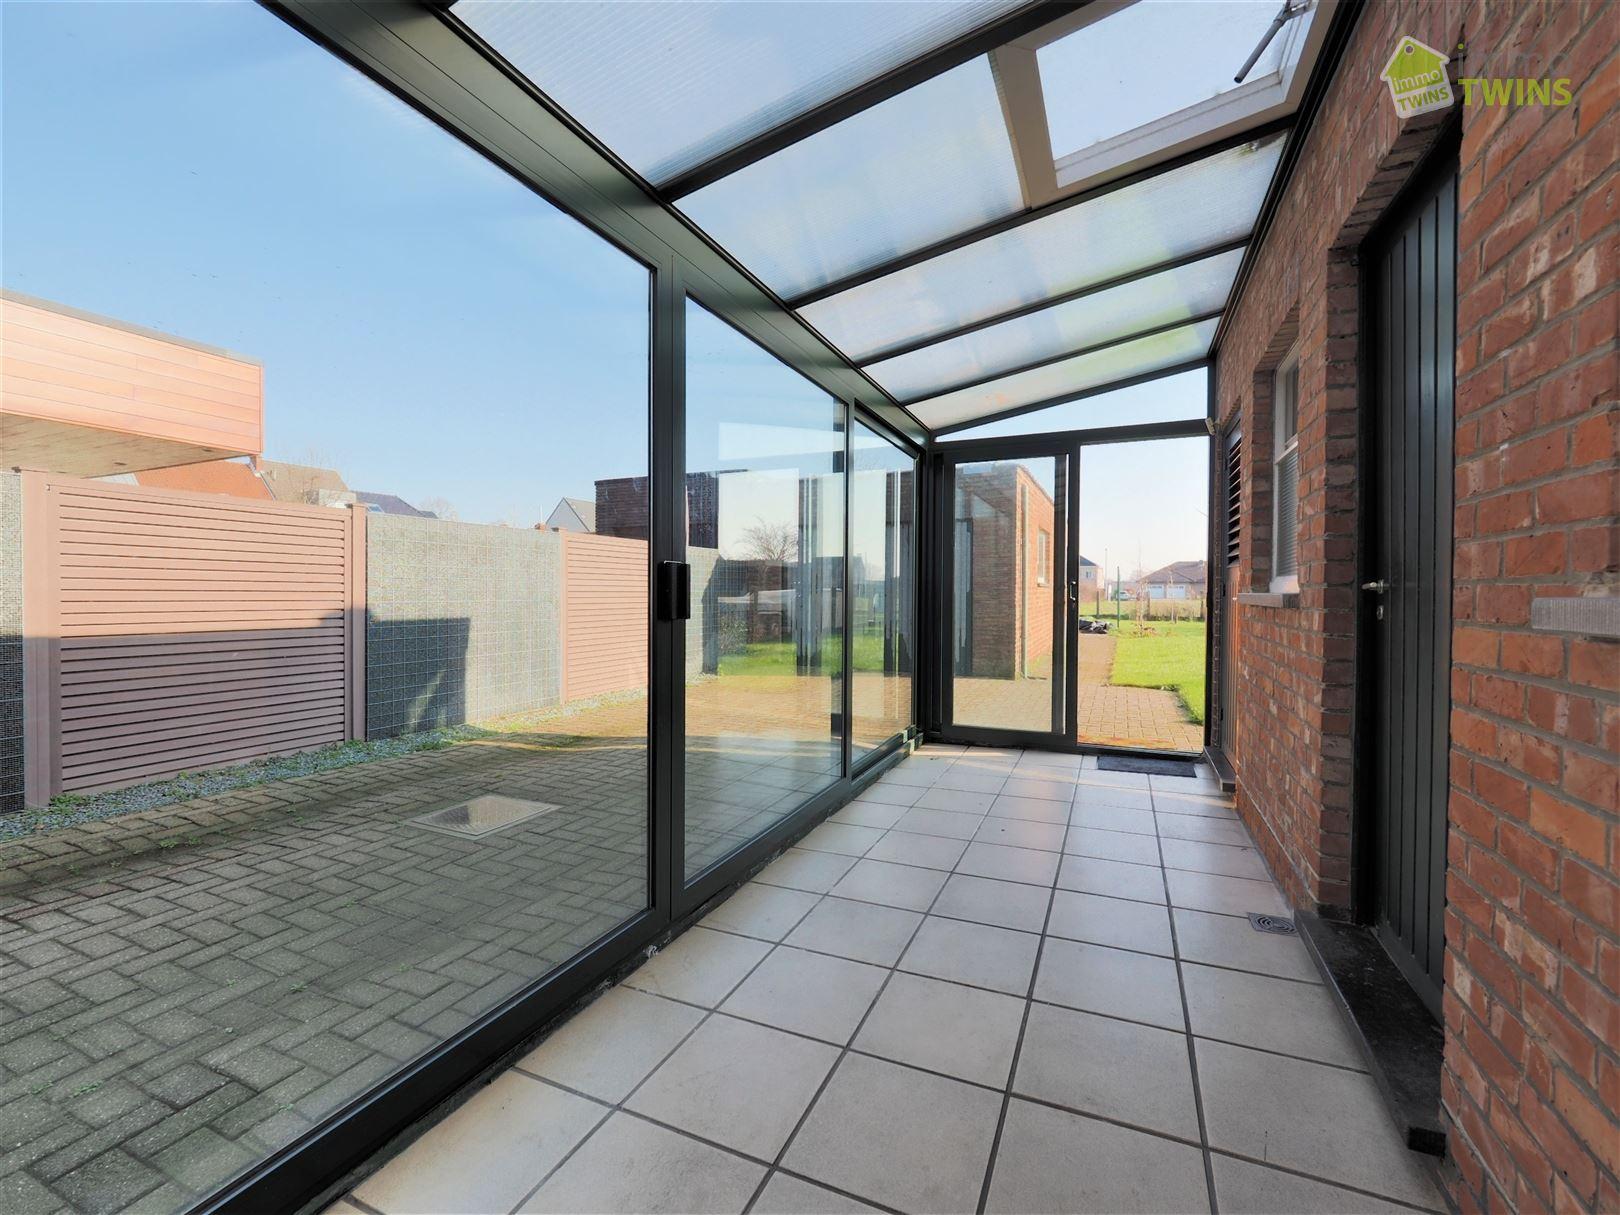 Foto 6 : Huis te 9200 SINT-GILLIS-DENDERMONDE (België) - Prijs € 259.000